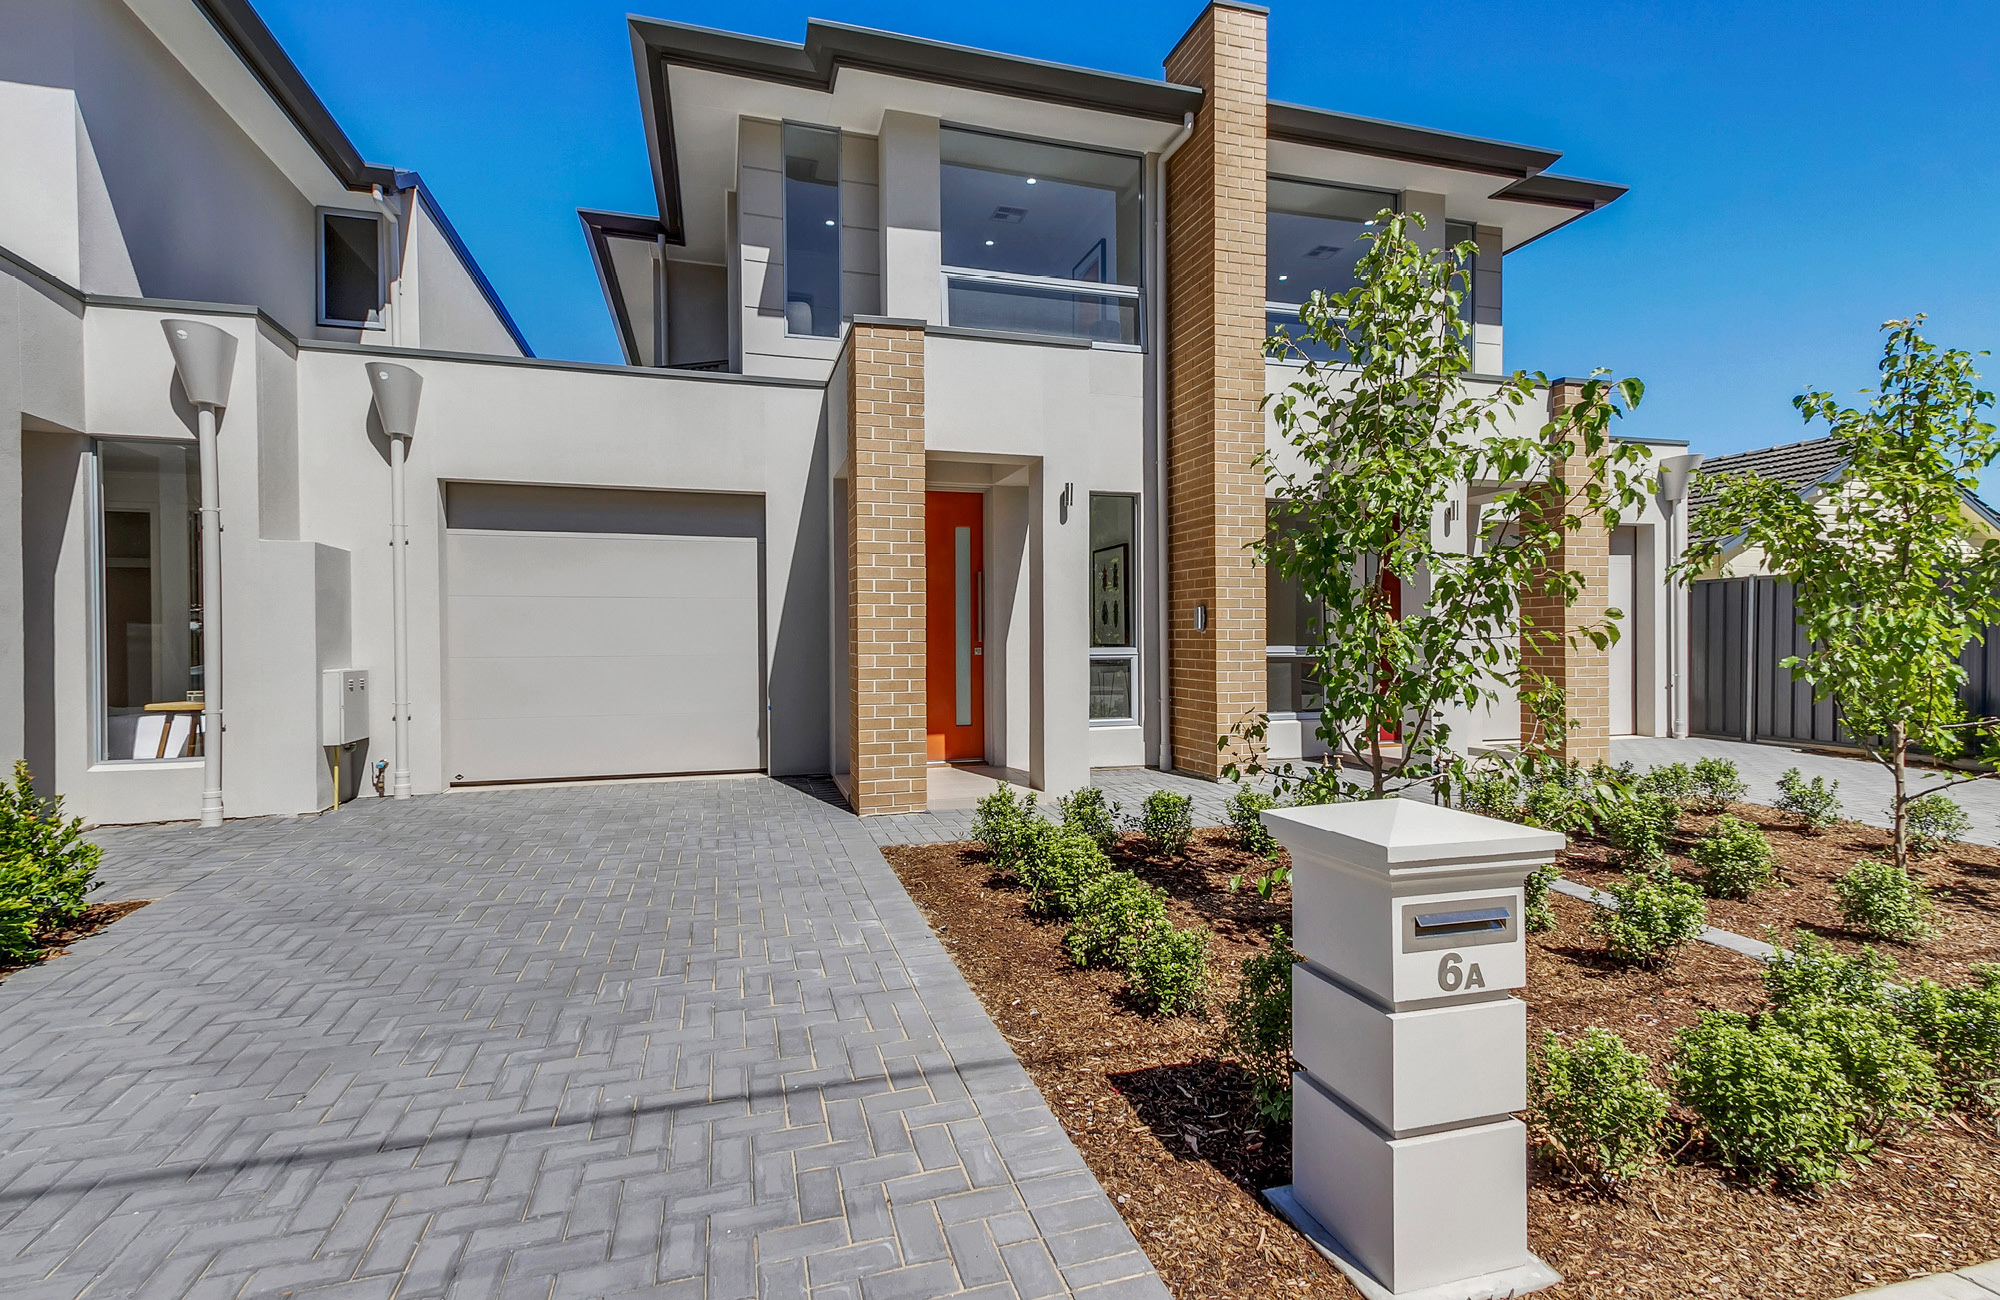 Morphettville Property Development Facade